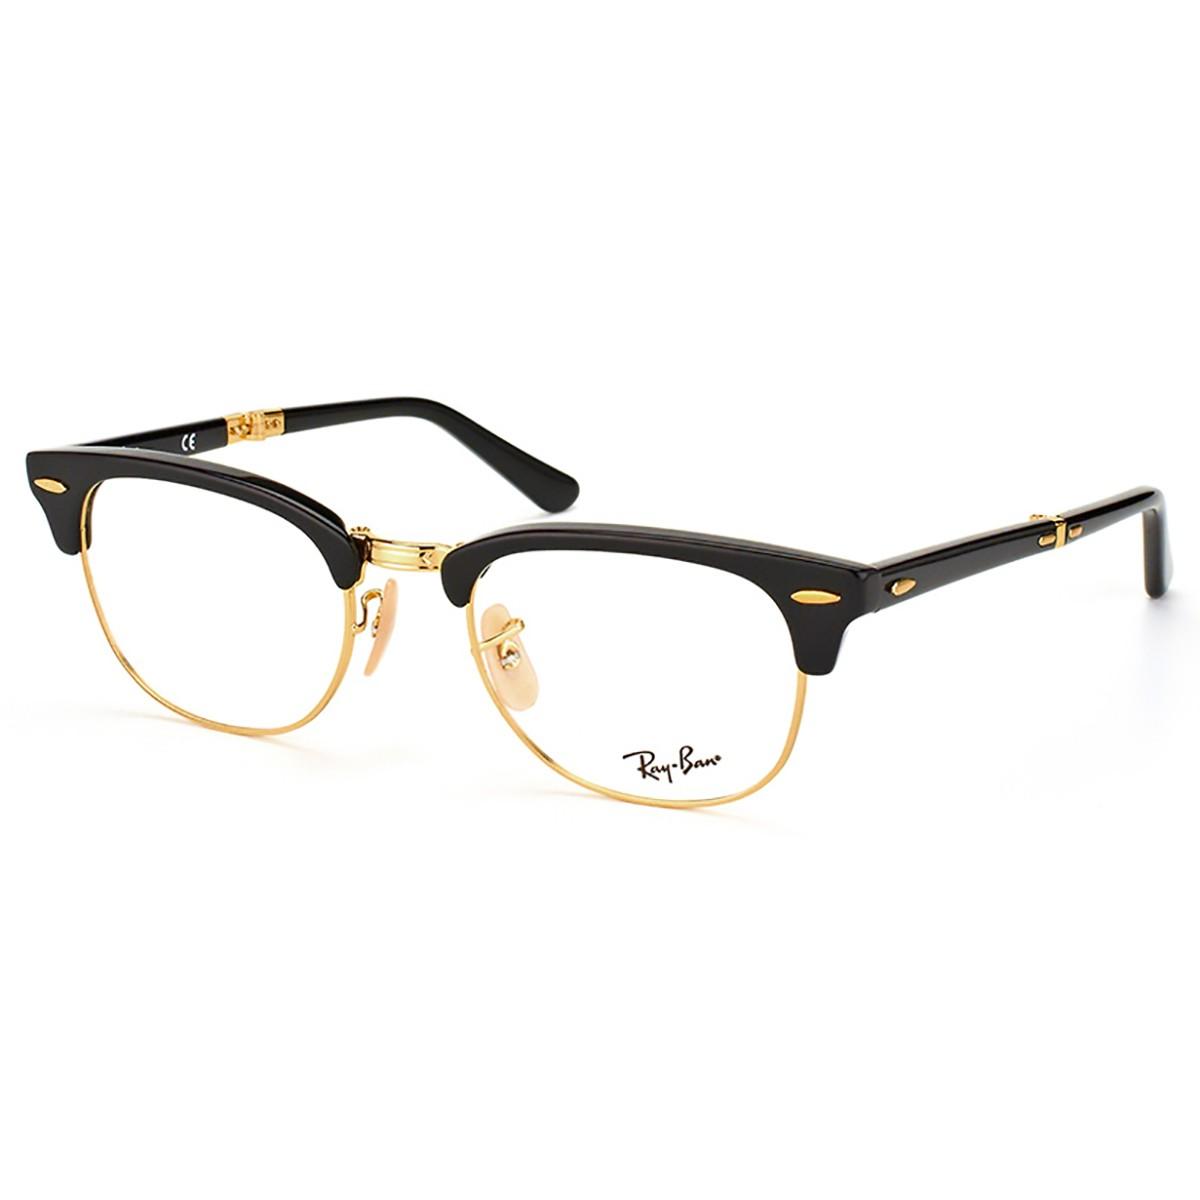 8b6a810b8c704 Armação Para óculos De Grau New Wayfarer Ray Ban Original